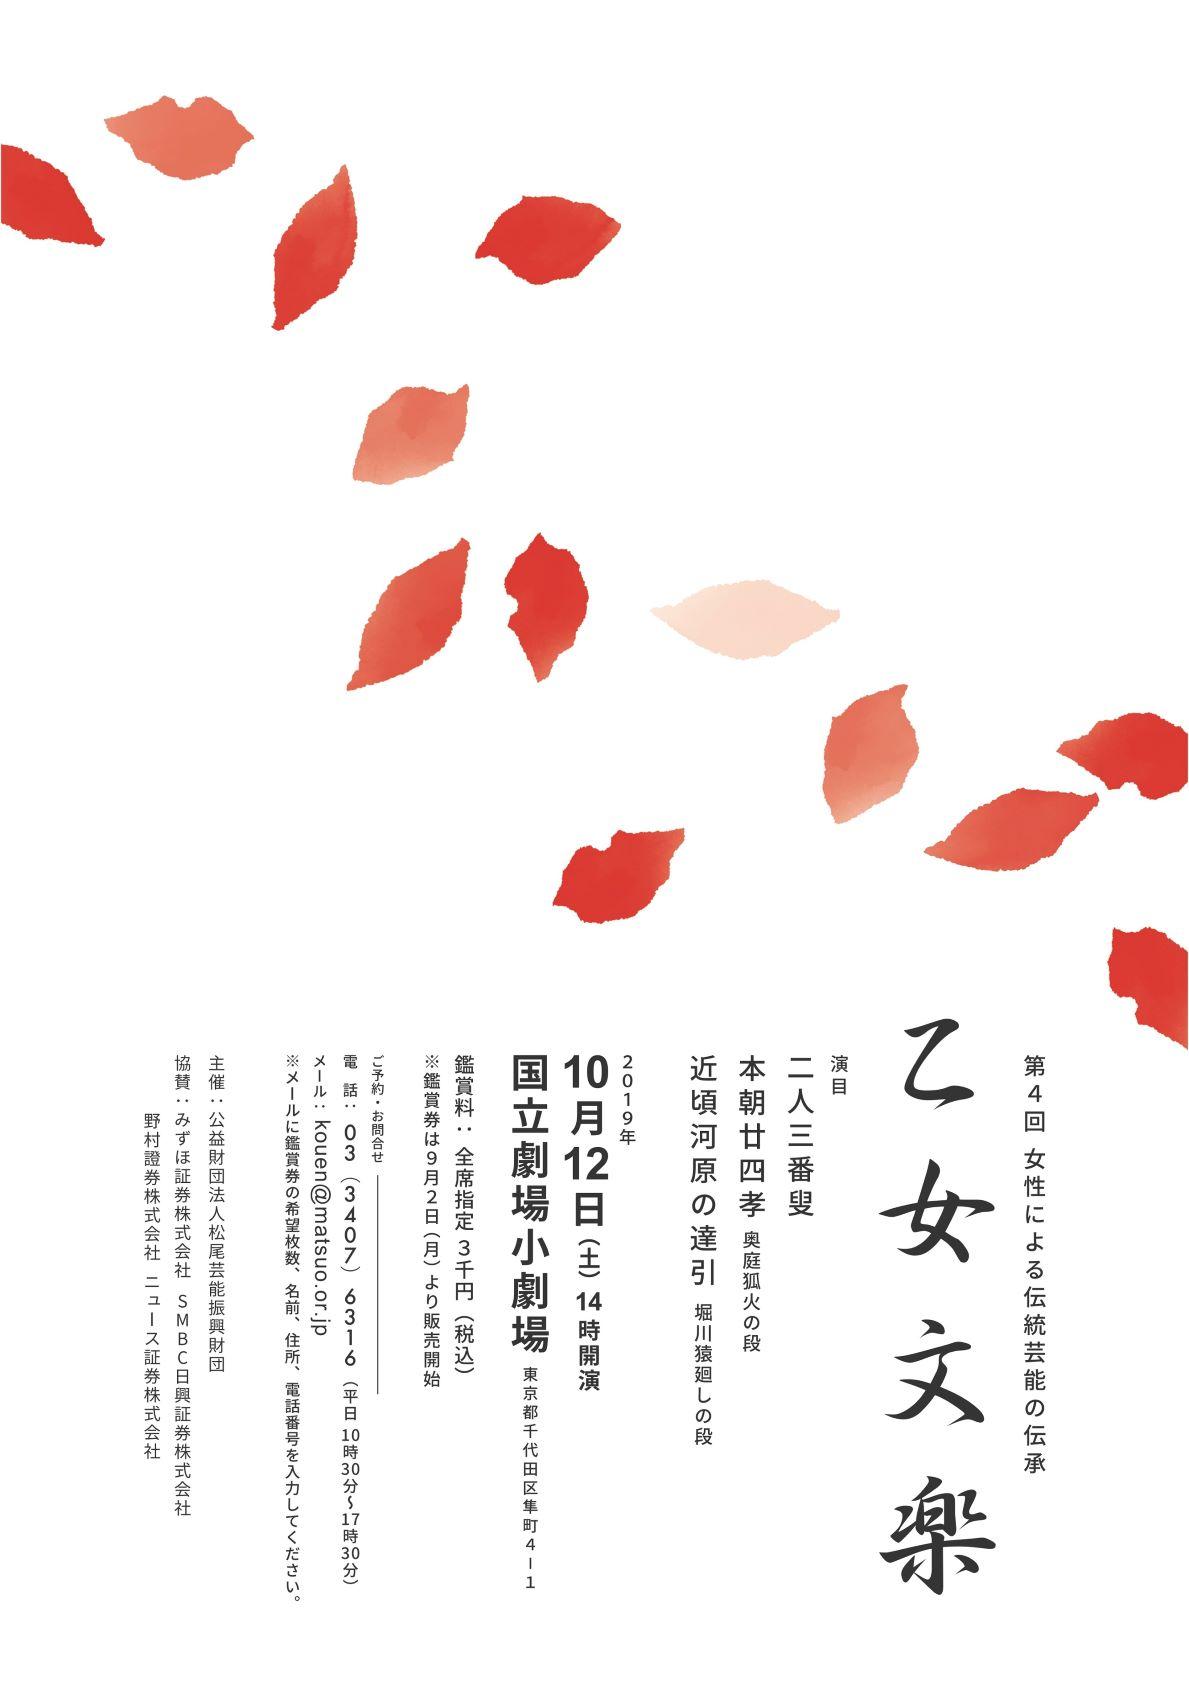 web_flyer_front_2019国立サイズ中.jpg